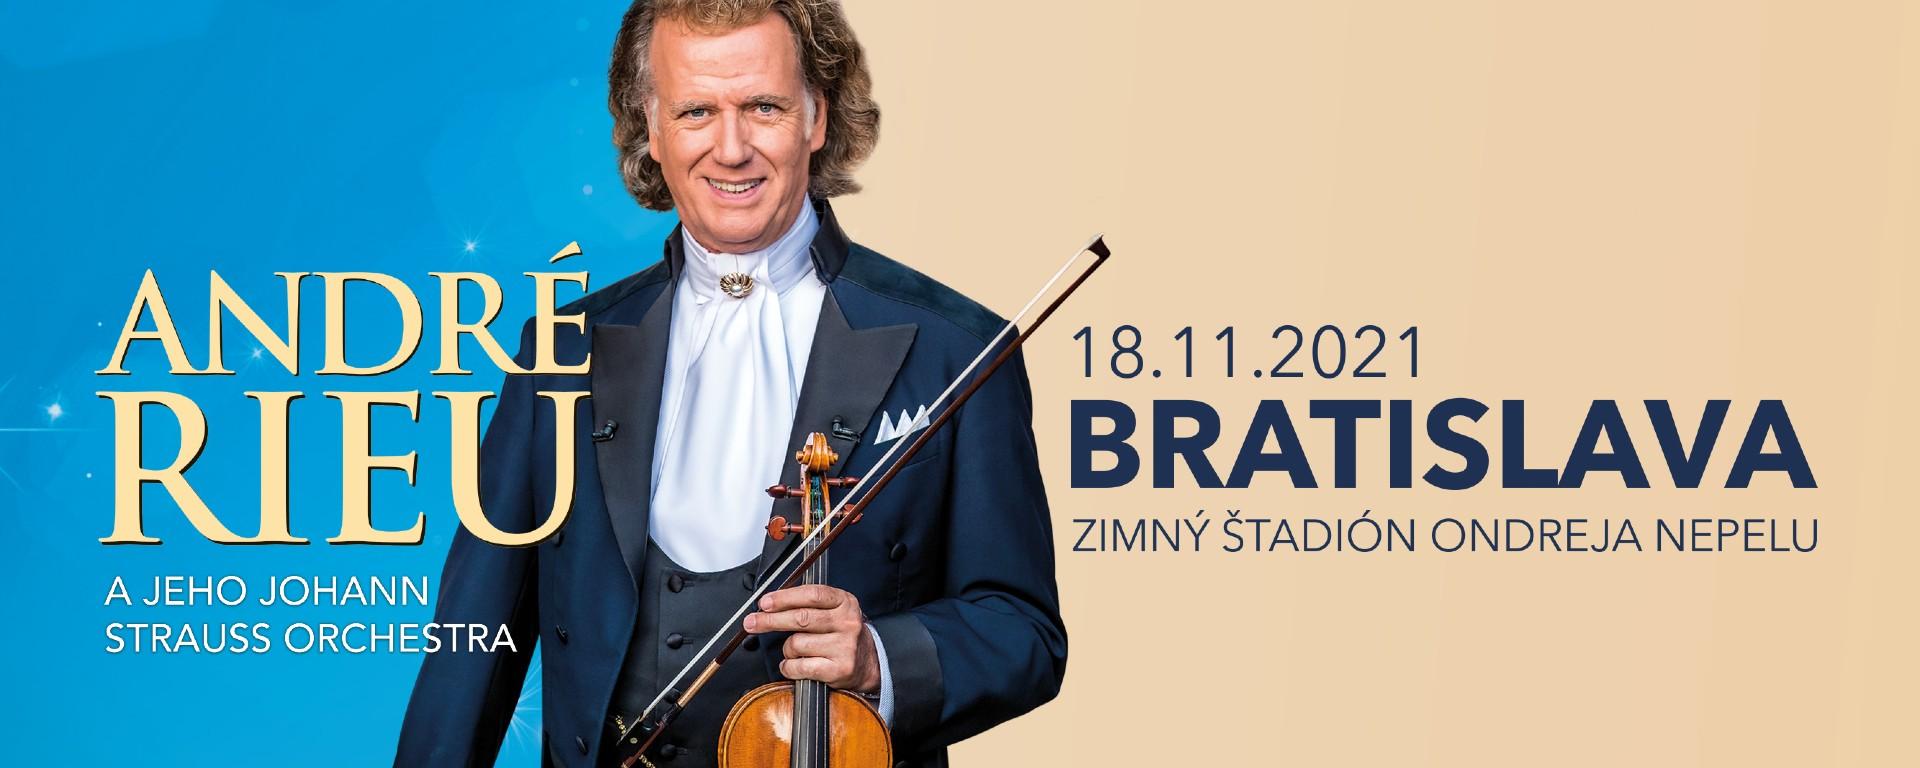 André Rieu sa 18. novembra 2021 predstaví v Bratislave.